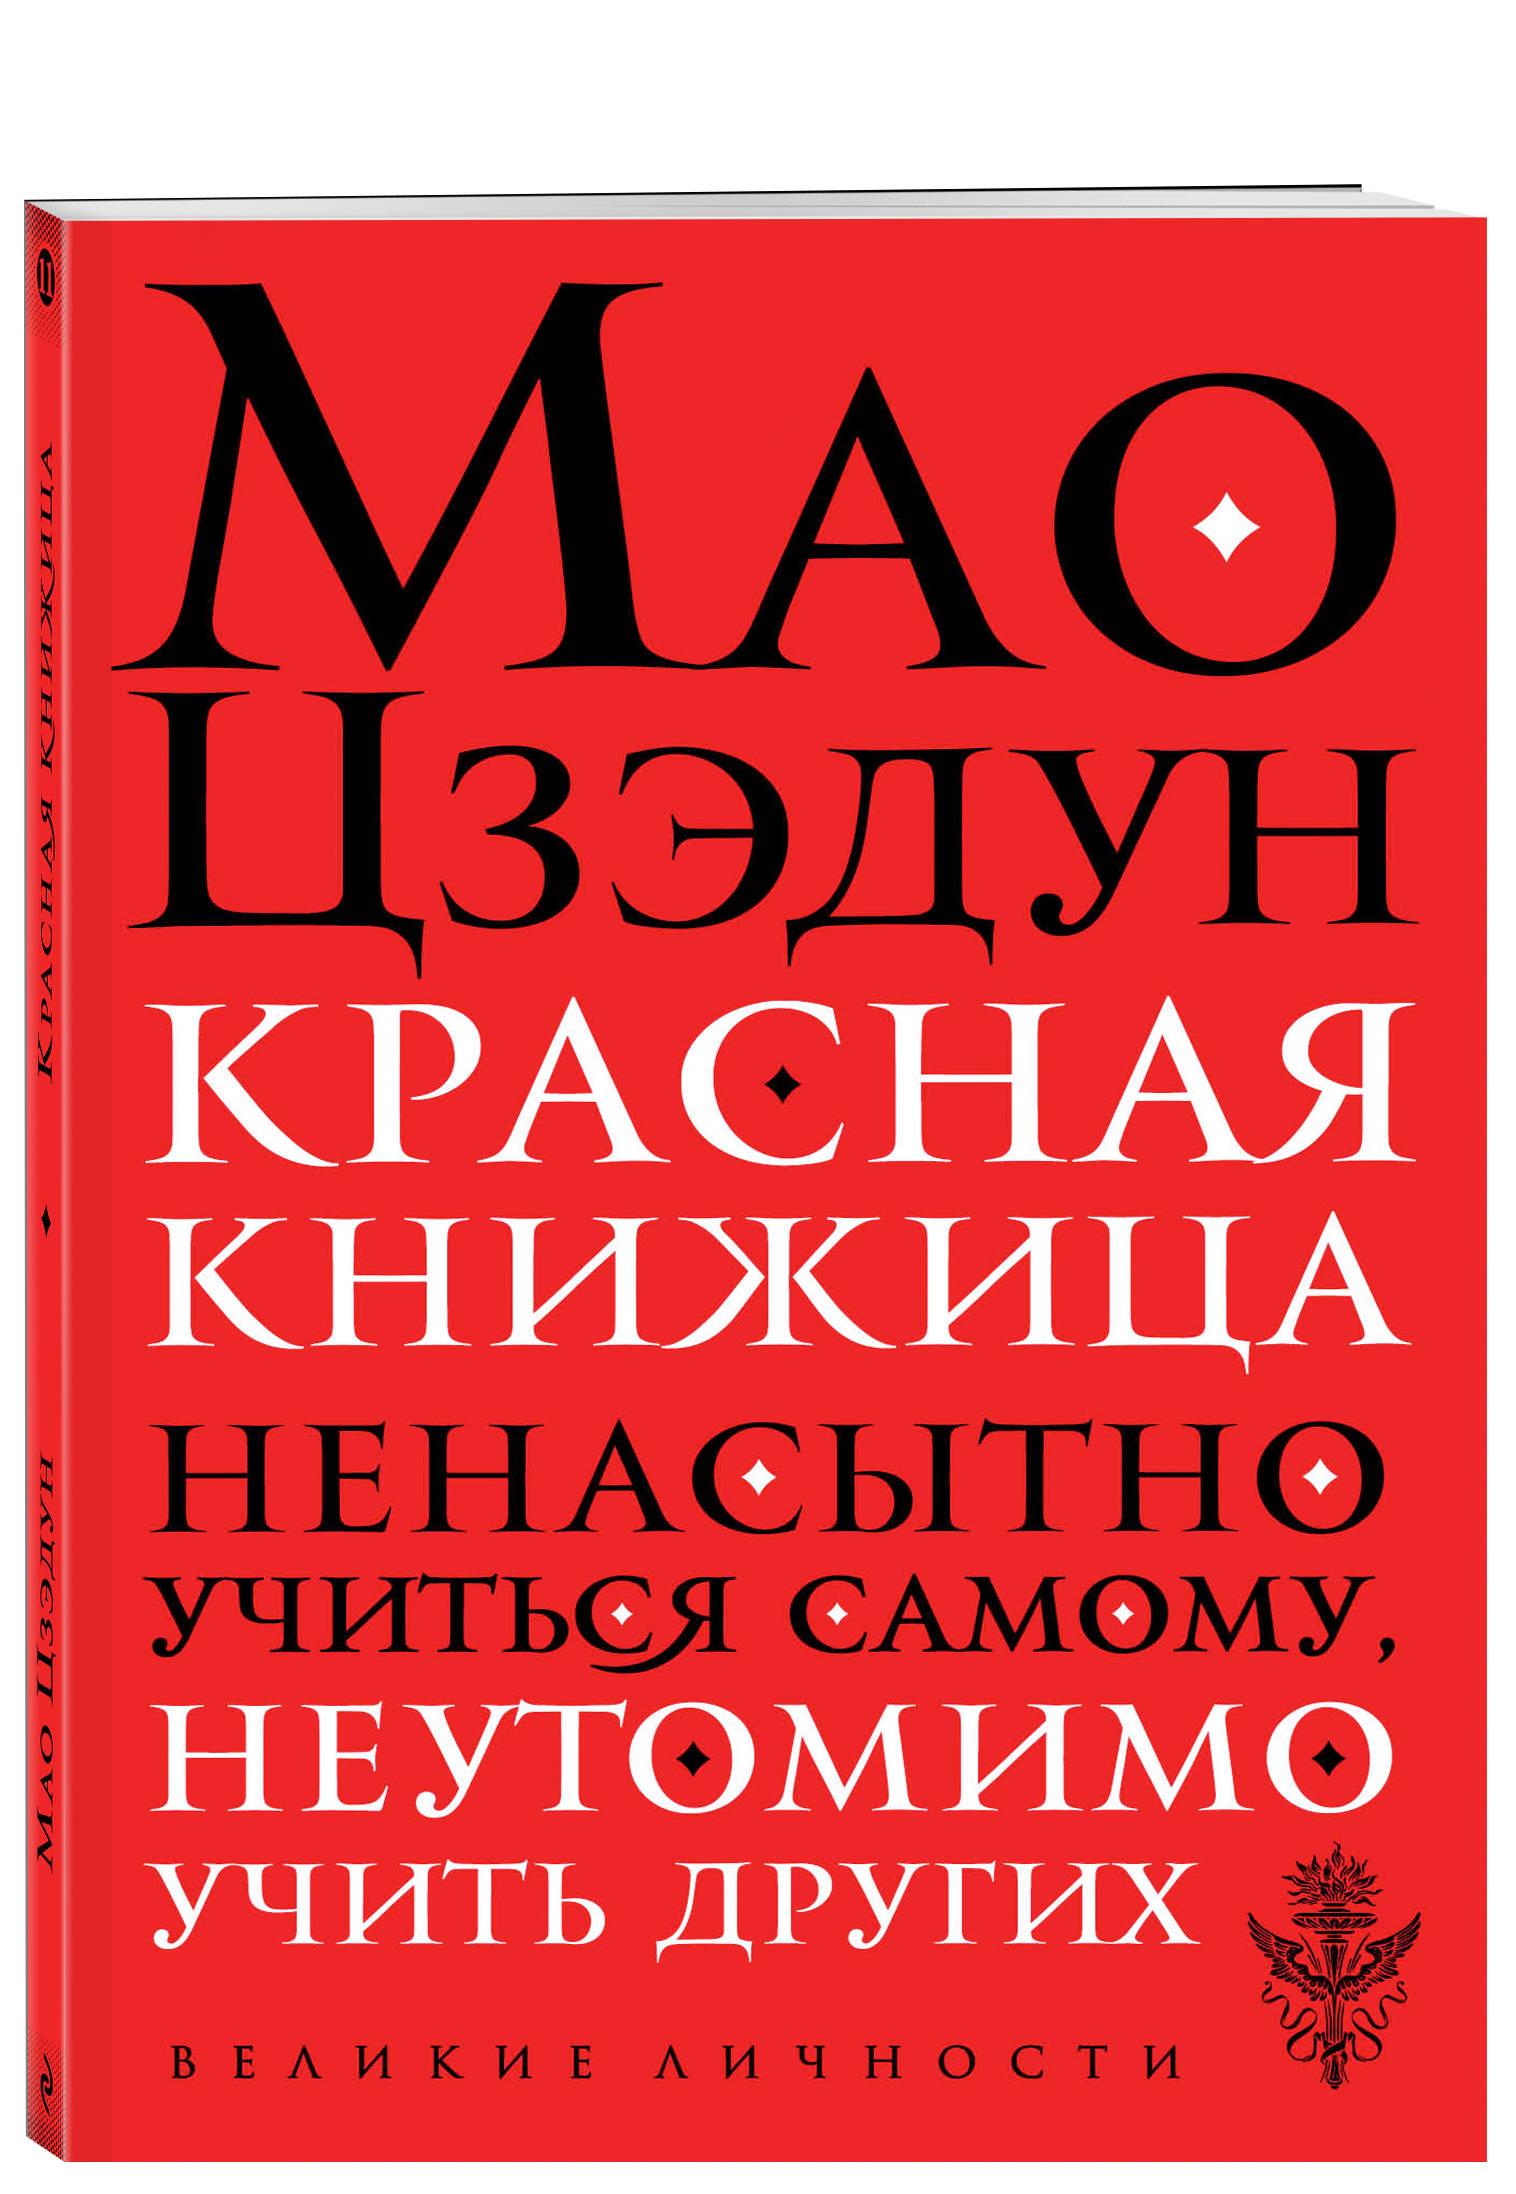 Красная книжица ( Мао Ц.  )